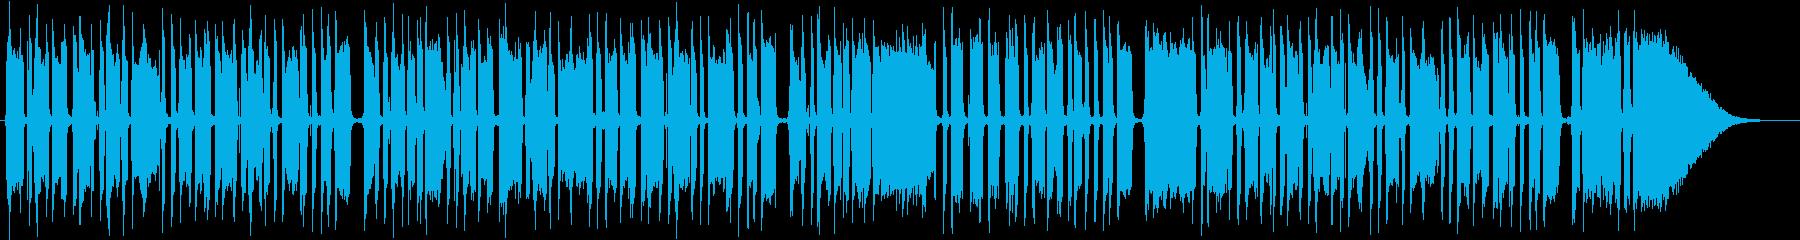 ブルースエレキギター一本の再生済みの波形